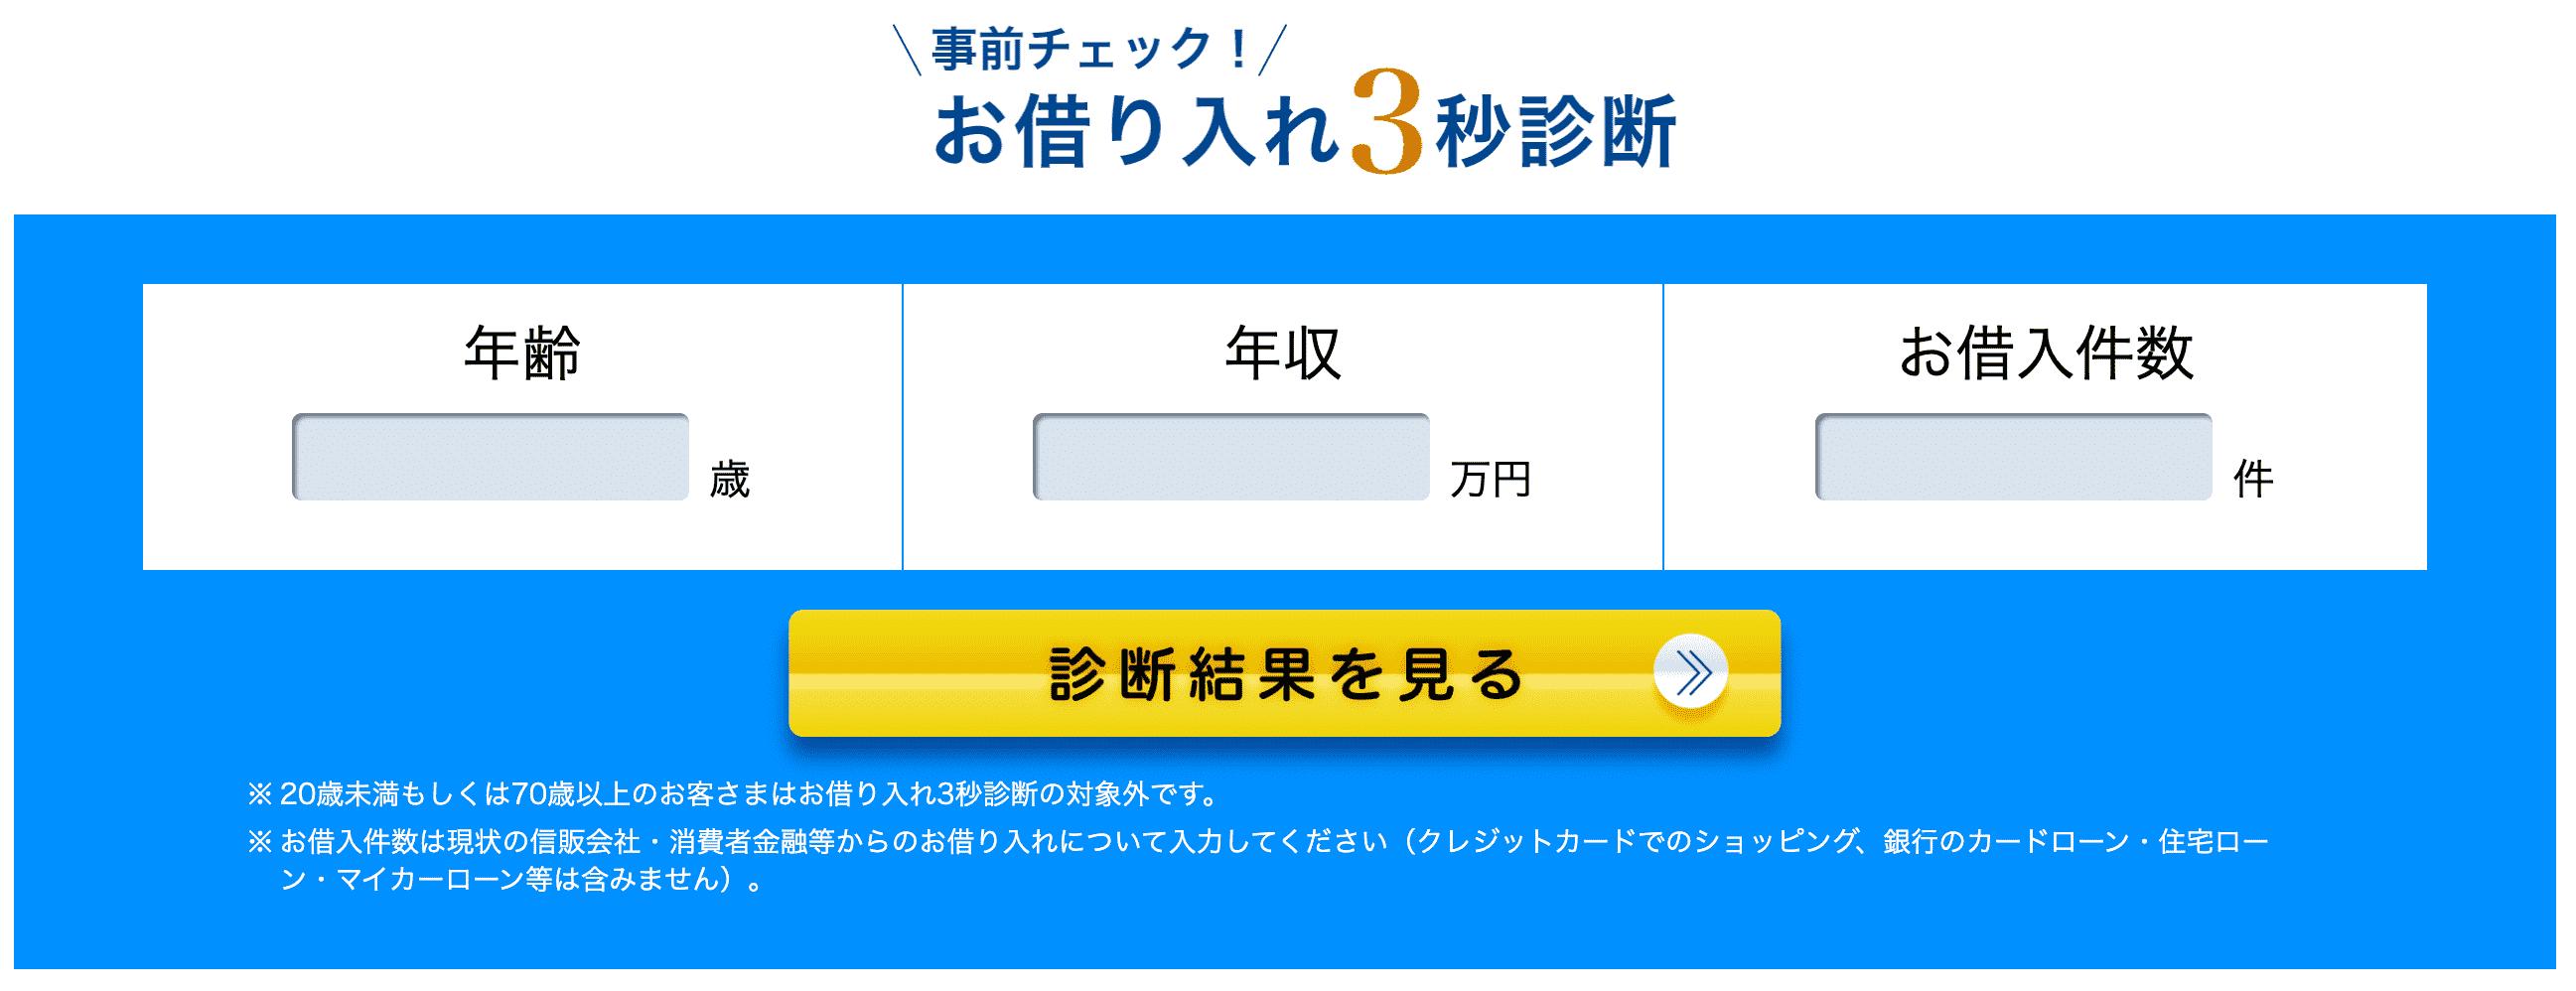 横浜銀行カードローン-お借り入れ3秒診断